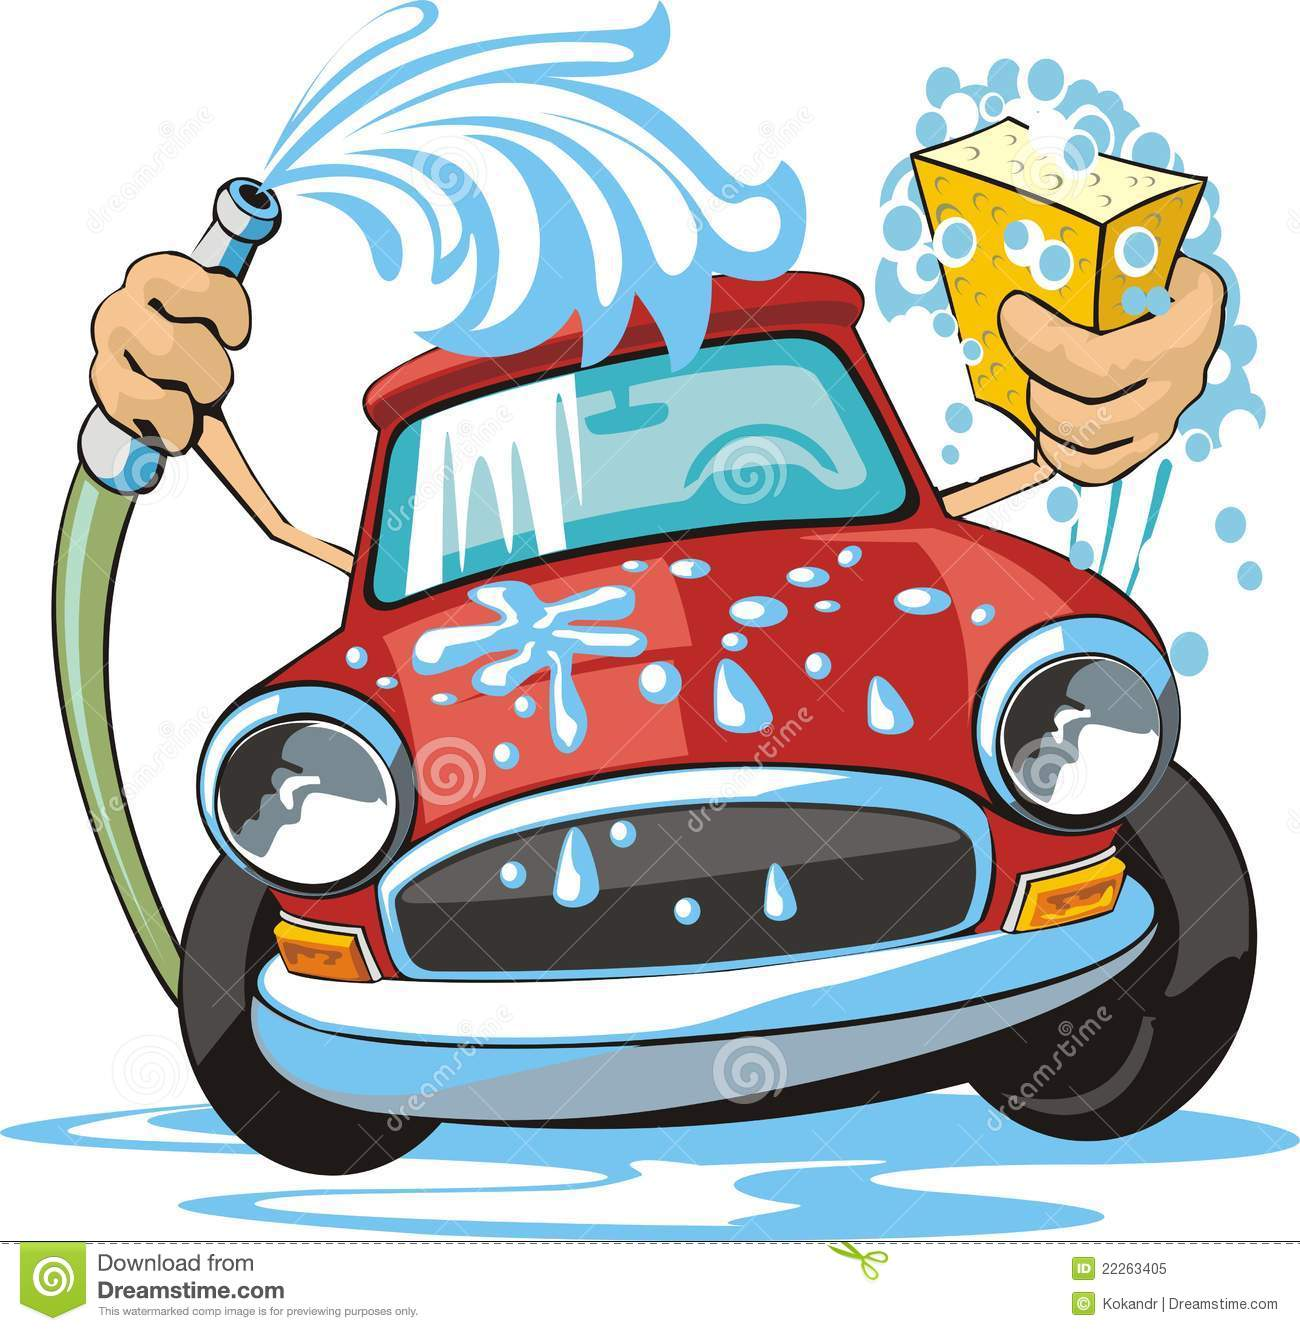 Car wash car clipart clipart free stock Car Detailing Clipart - Clipart Kid clipart free stock